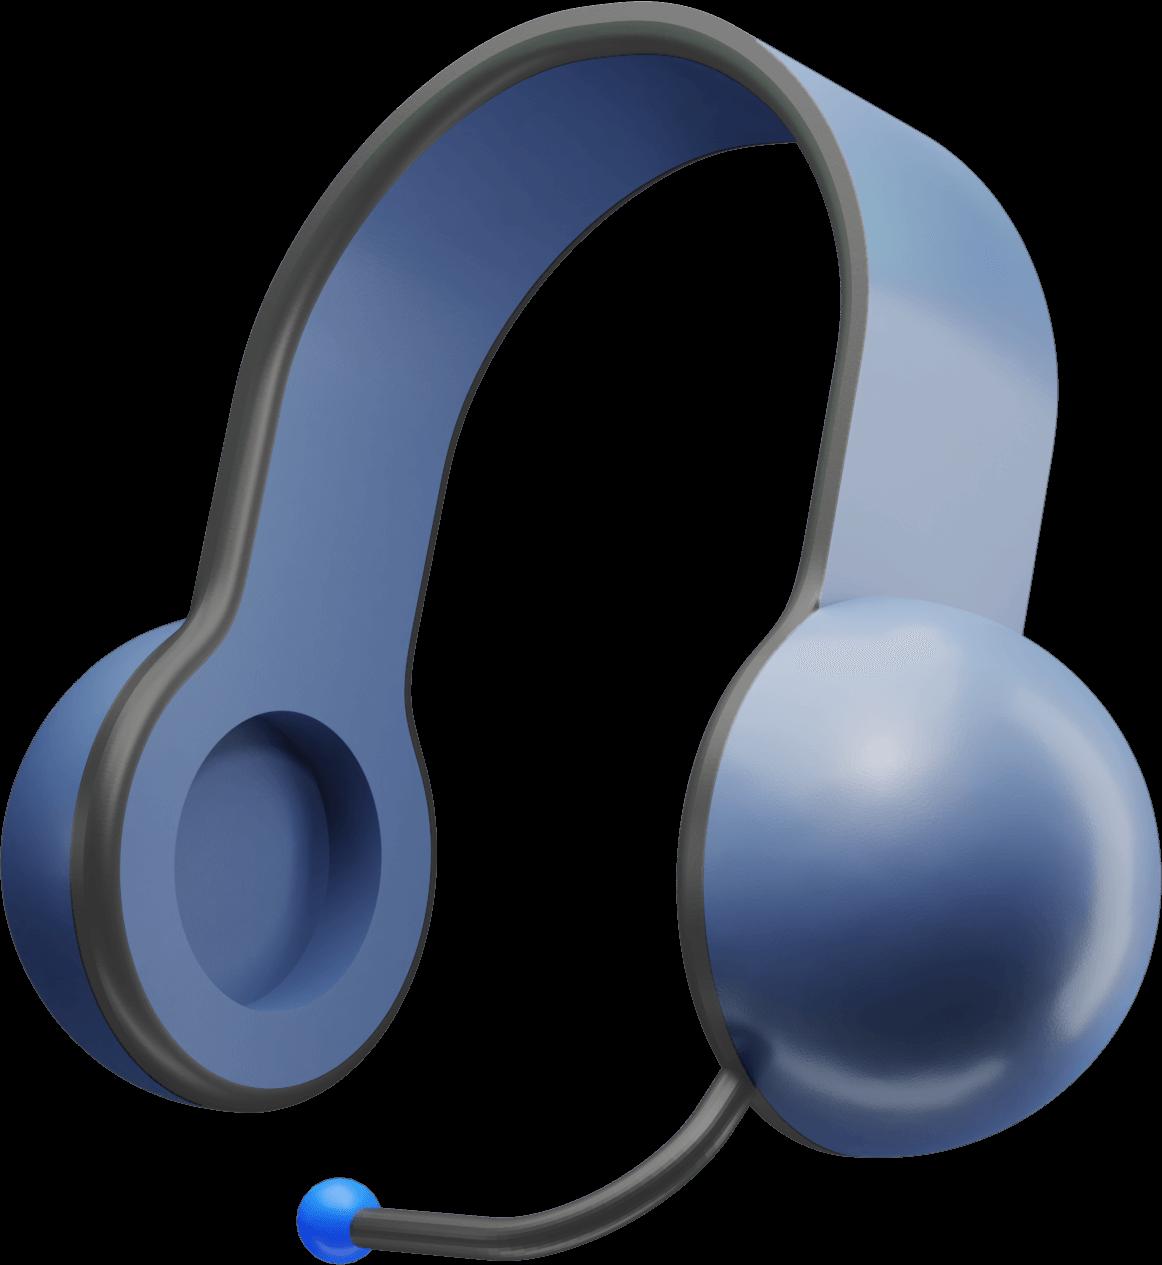 Ilustração dos fones de ouvido